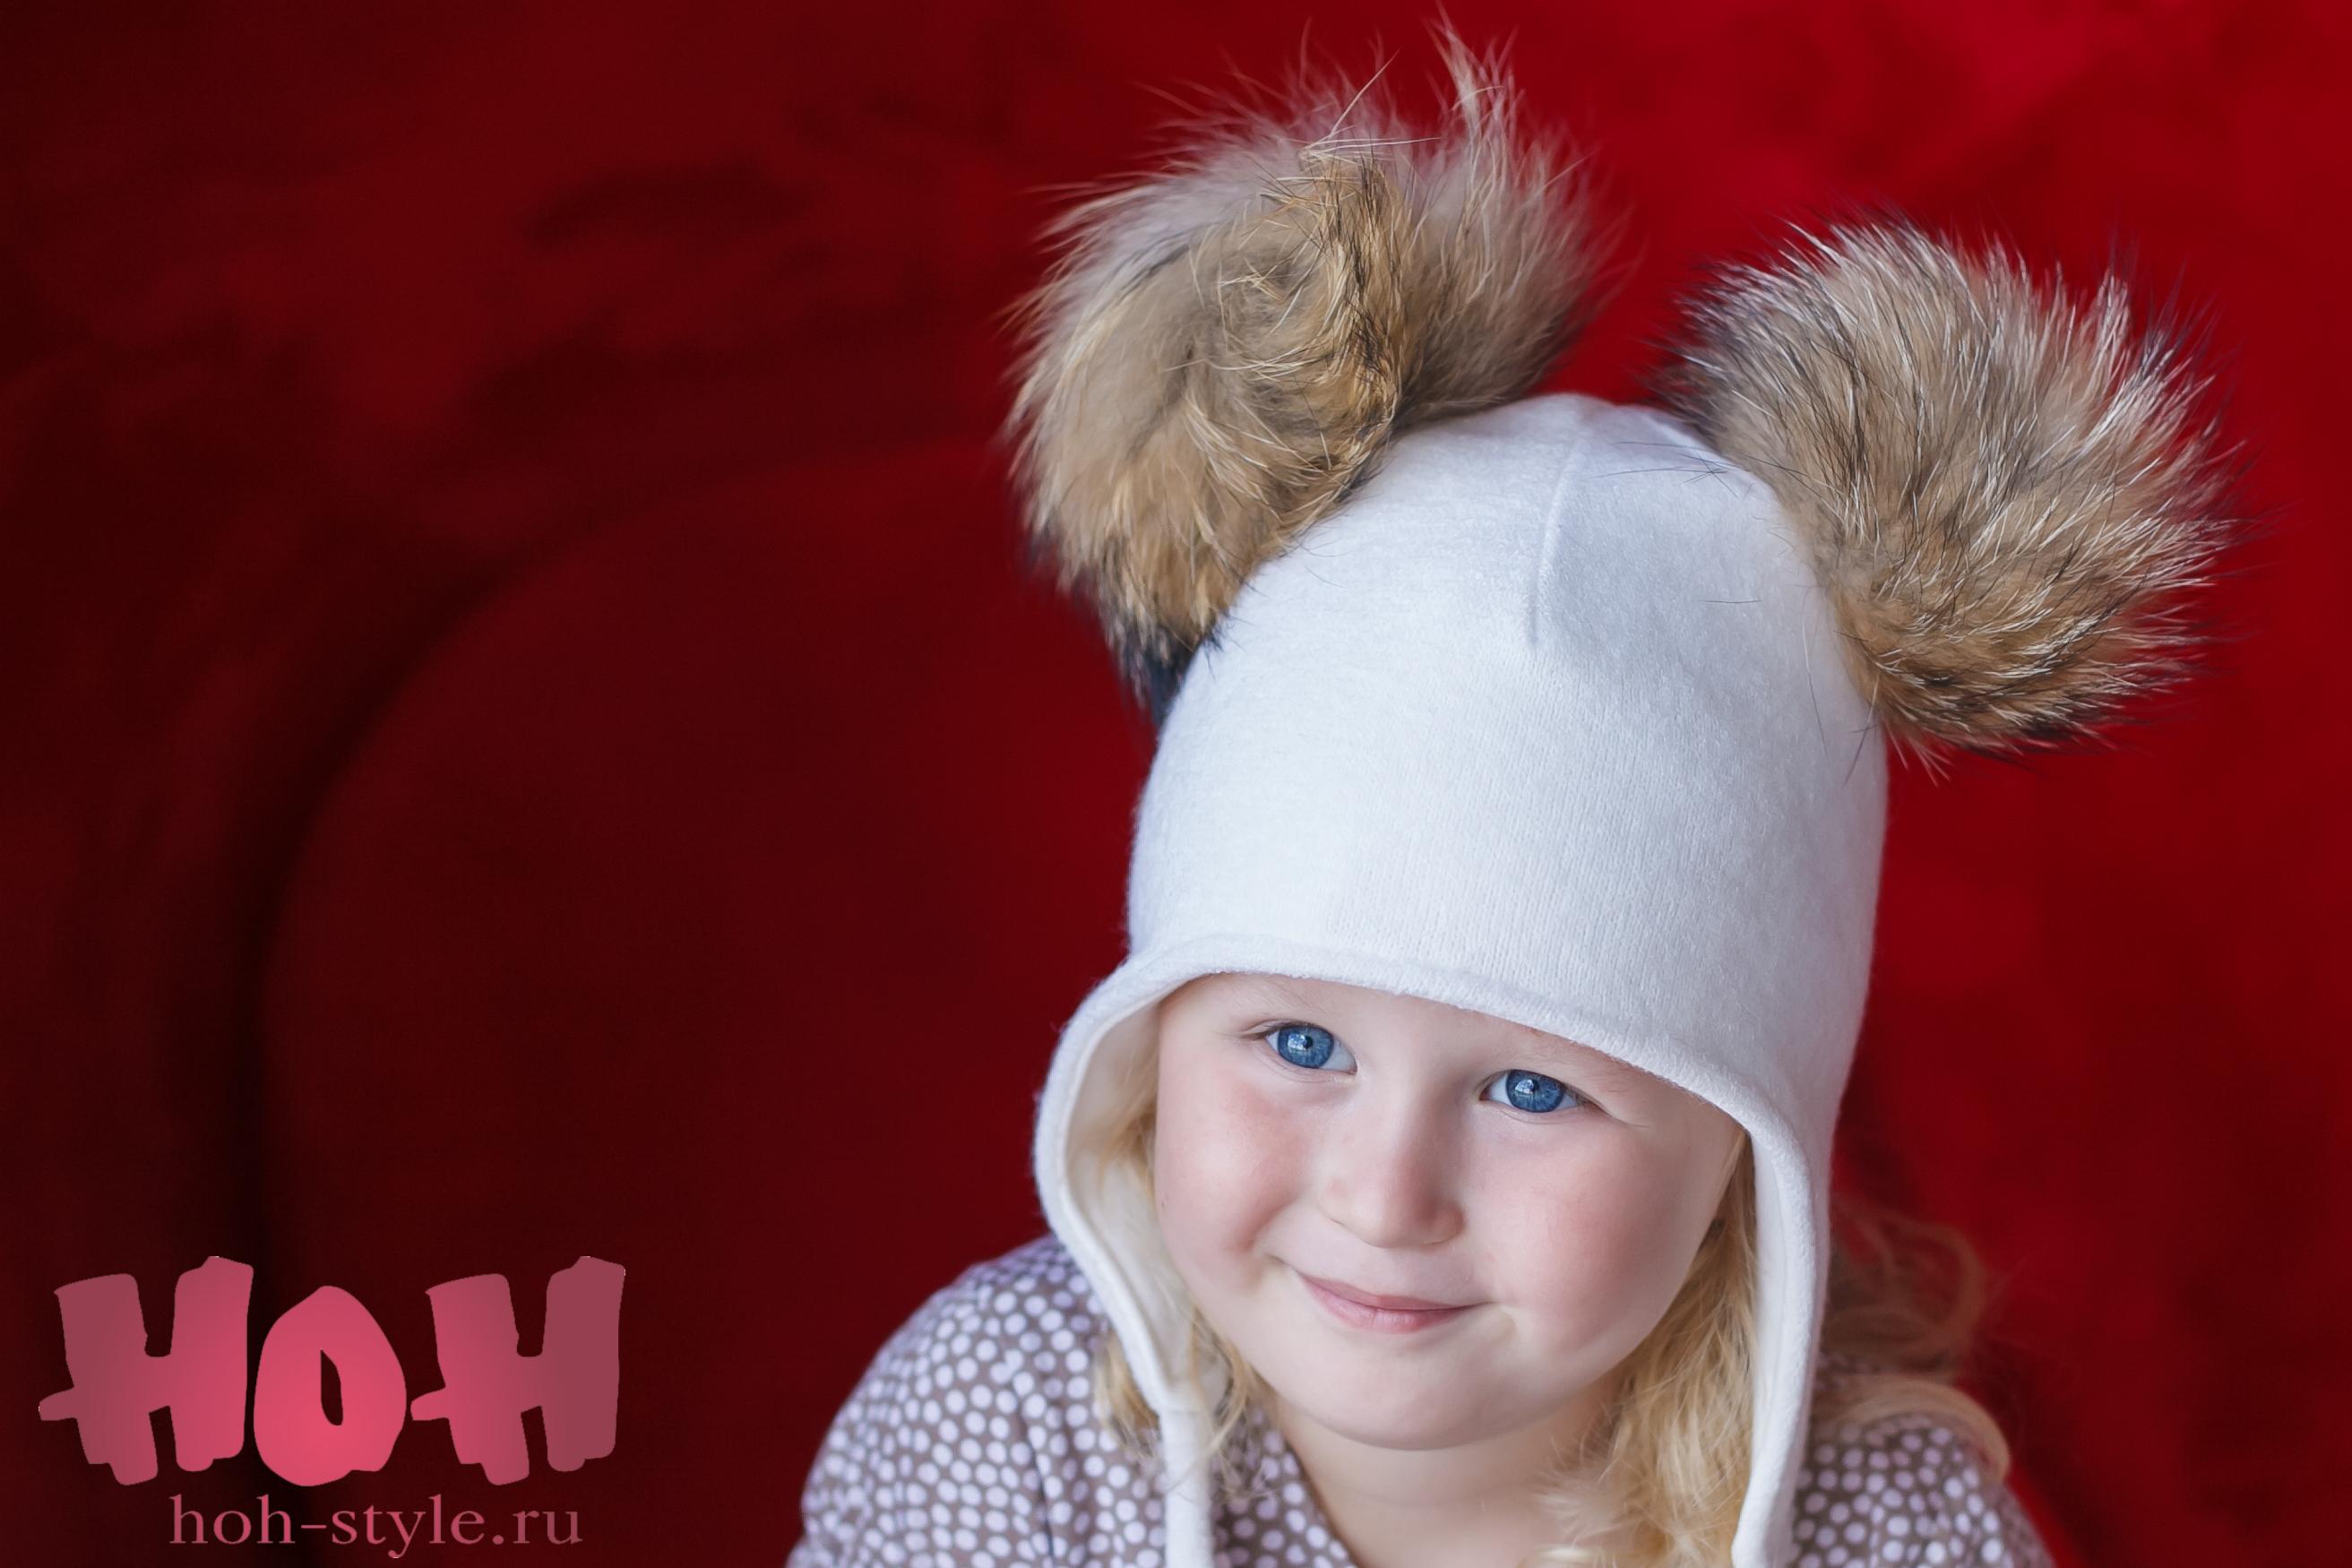 Сбор заказов .Hoh 09-16. Стильные шапки и снуды для детей и взрослых .Антикризисные цены от 130 рублей. Осенние и зимние новинки.